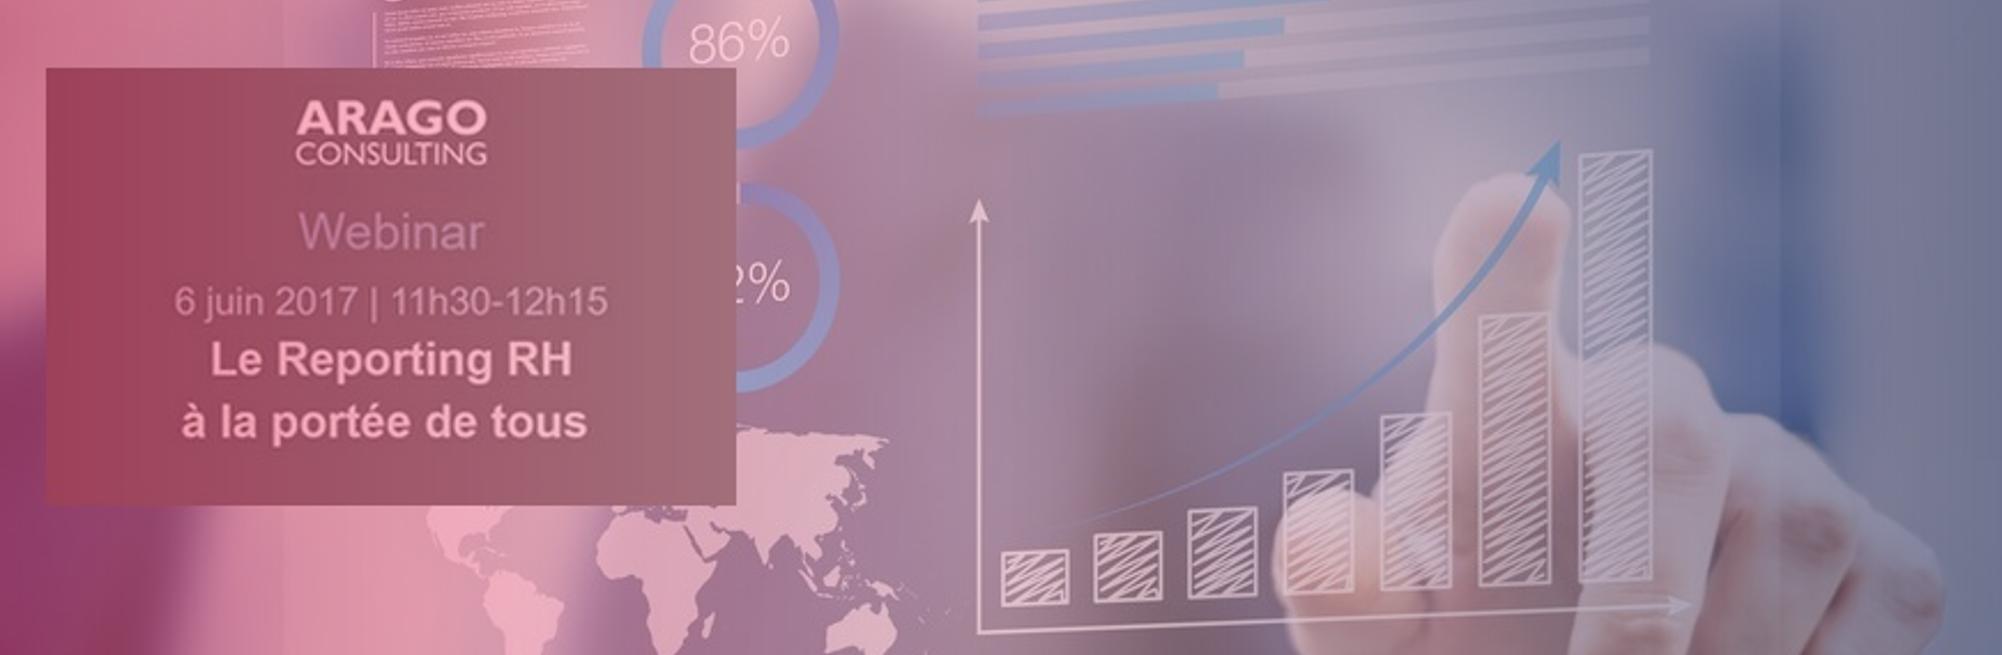 Webinar ARAGO Consulting : Un SIRH complet et intégré : pour quels bénéfices ?